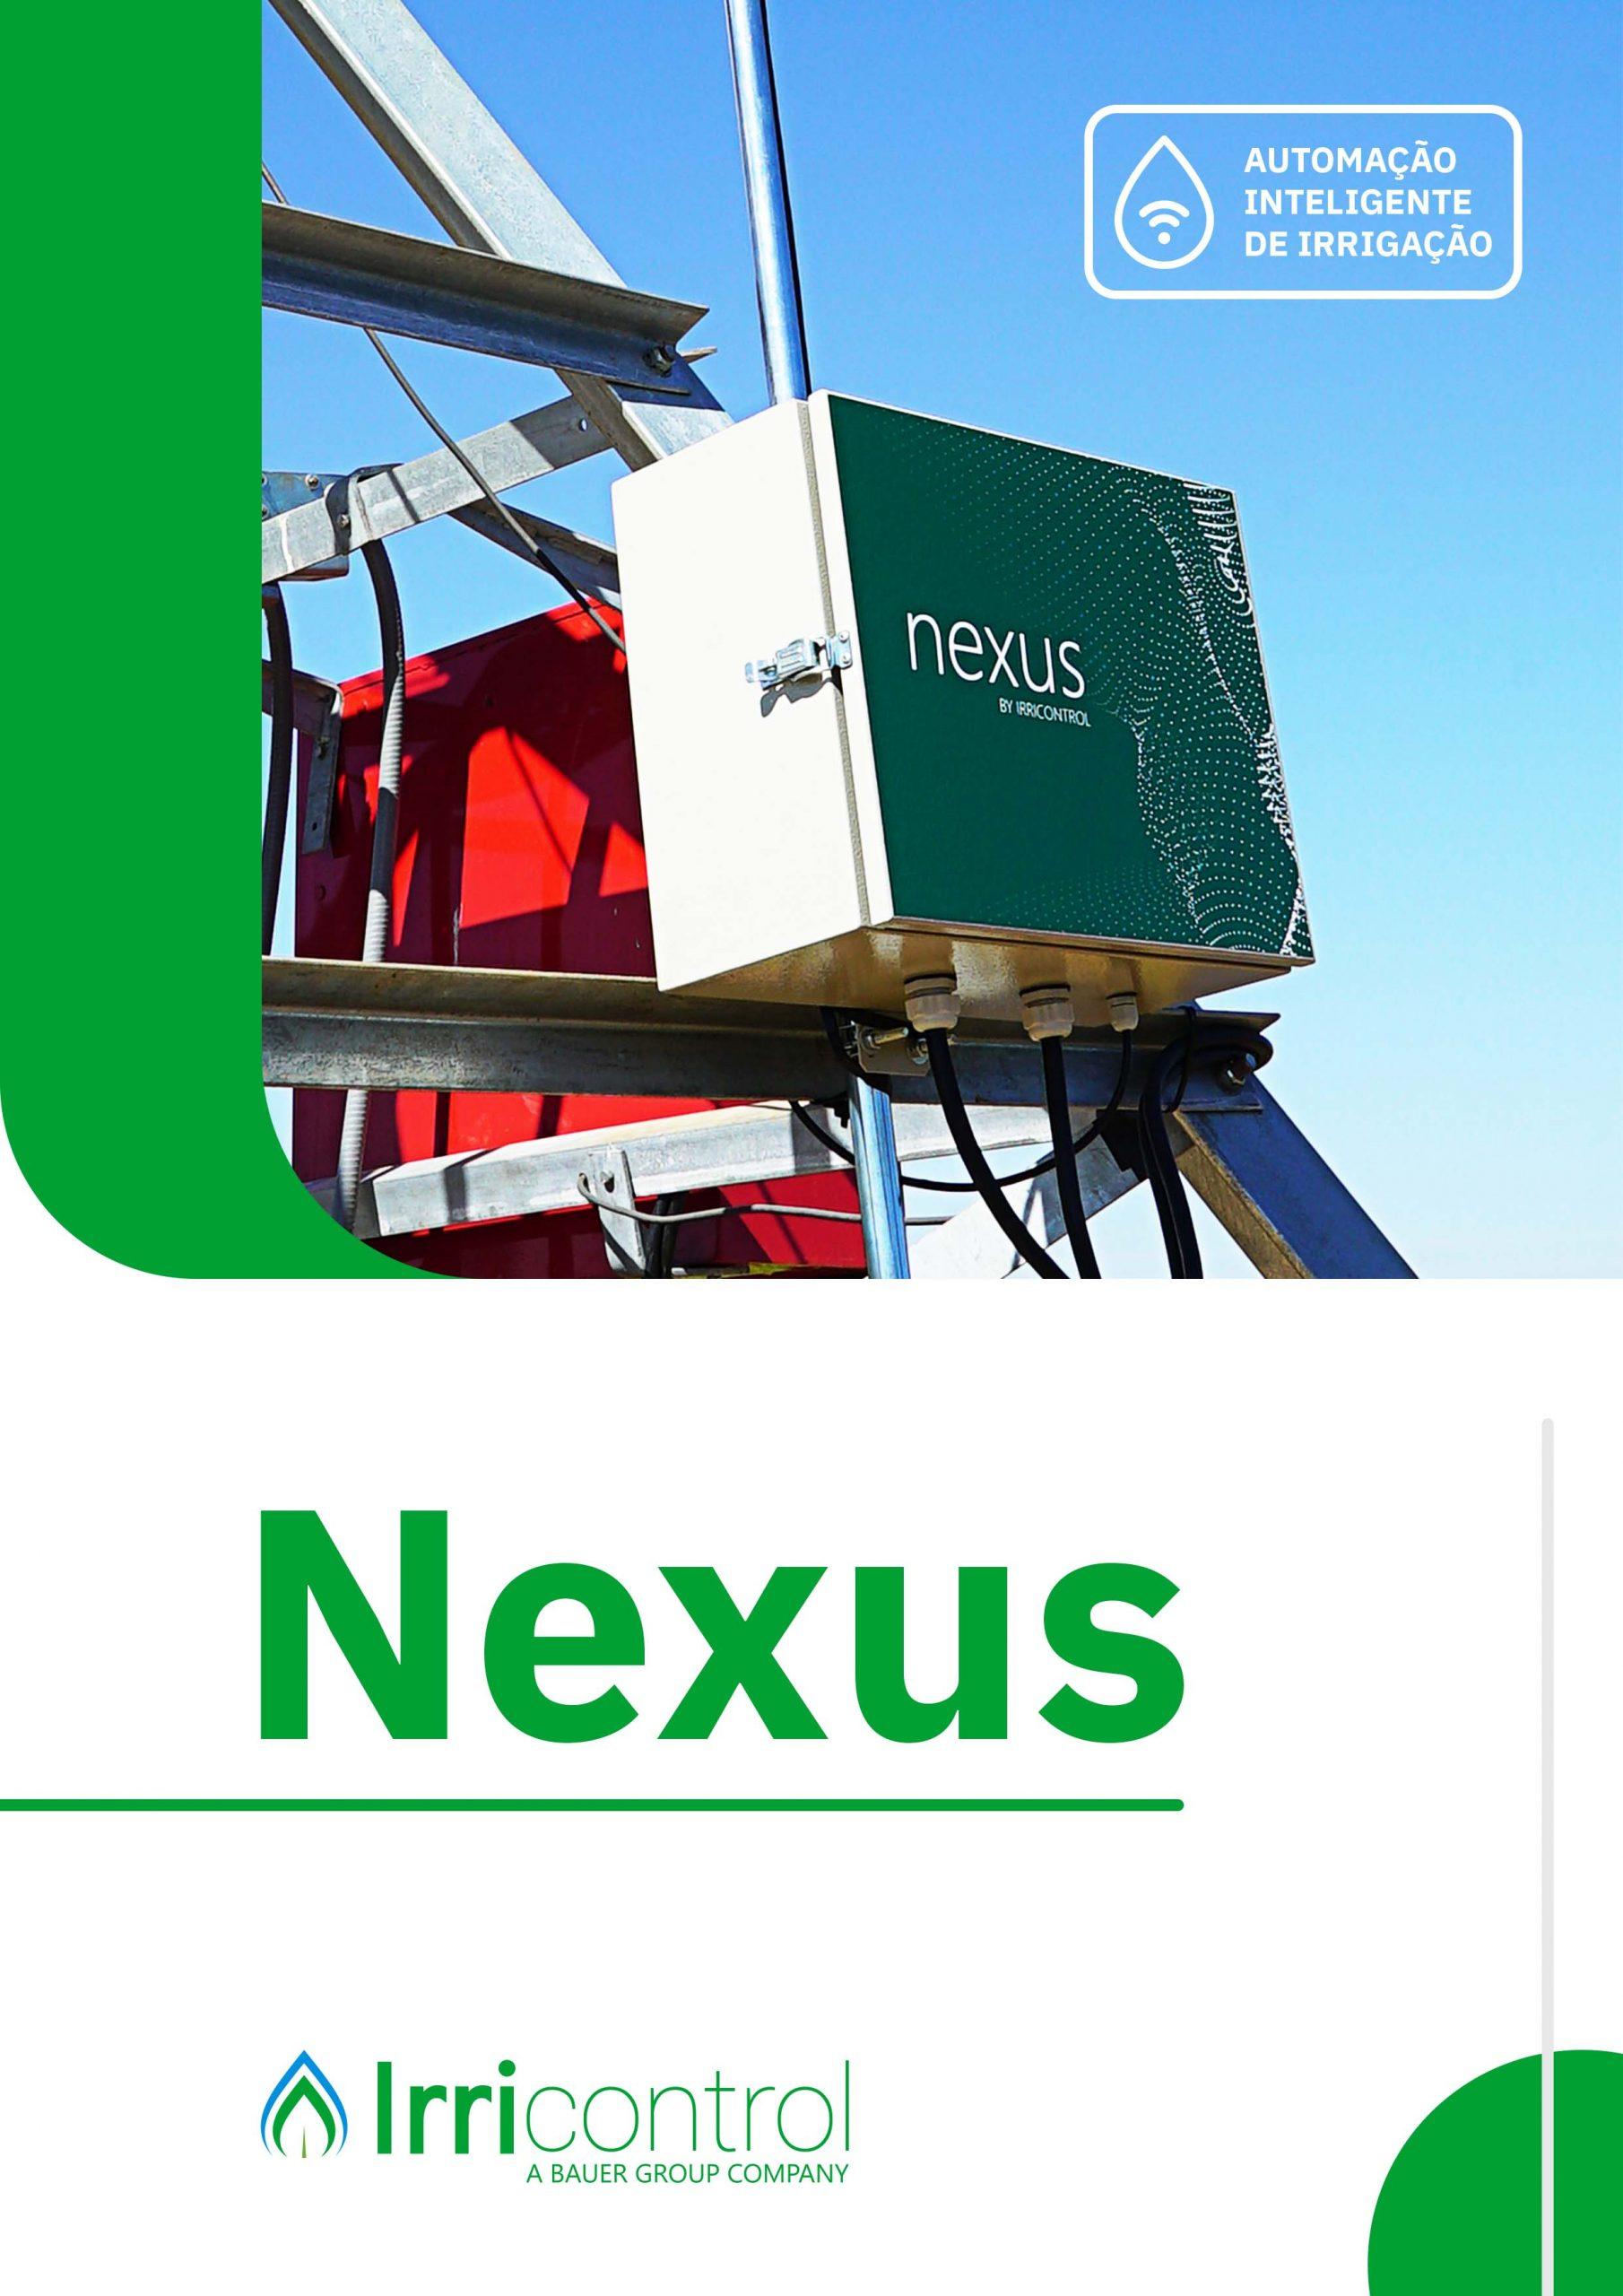 Capa do ebook